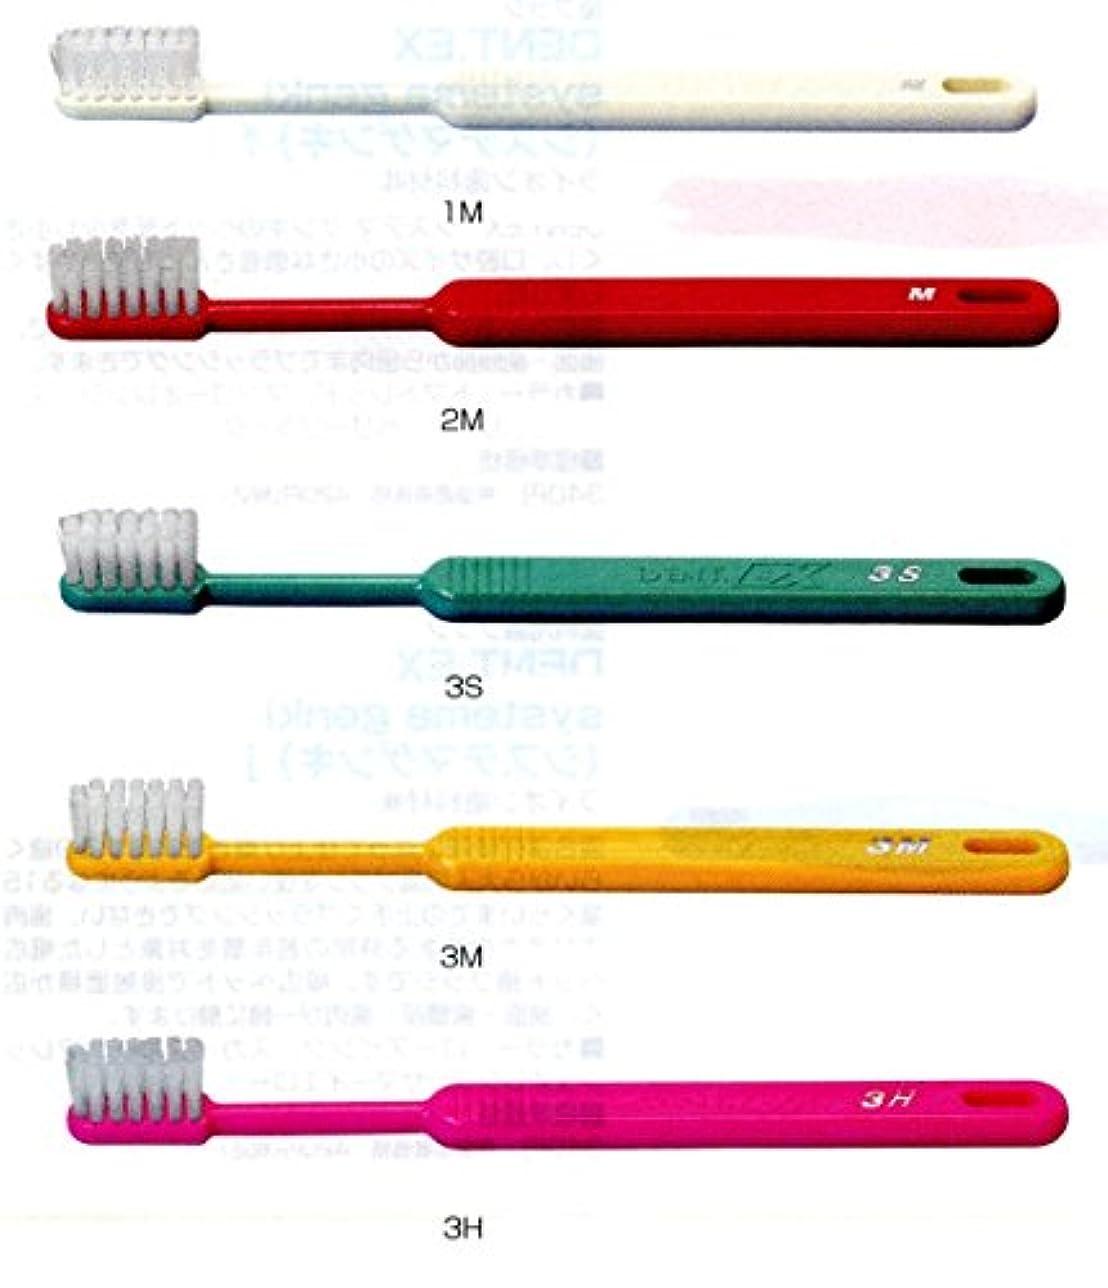 の慈悲でアカデミック詳細にライオン DENT .EX 3 レギュラー 歯ブラシ 1本 M グリーン